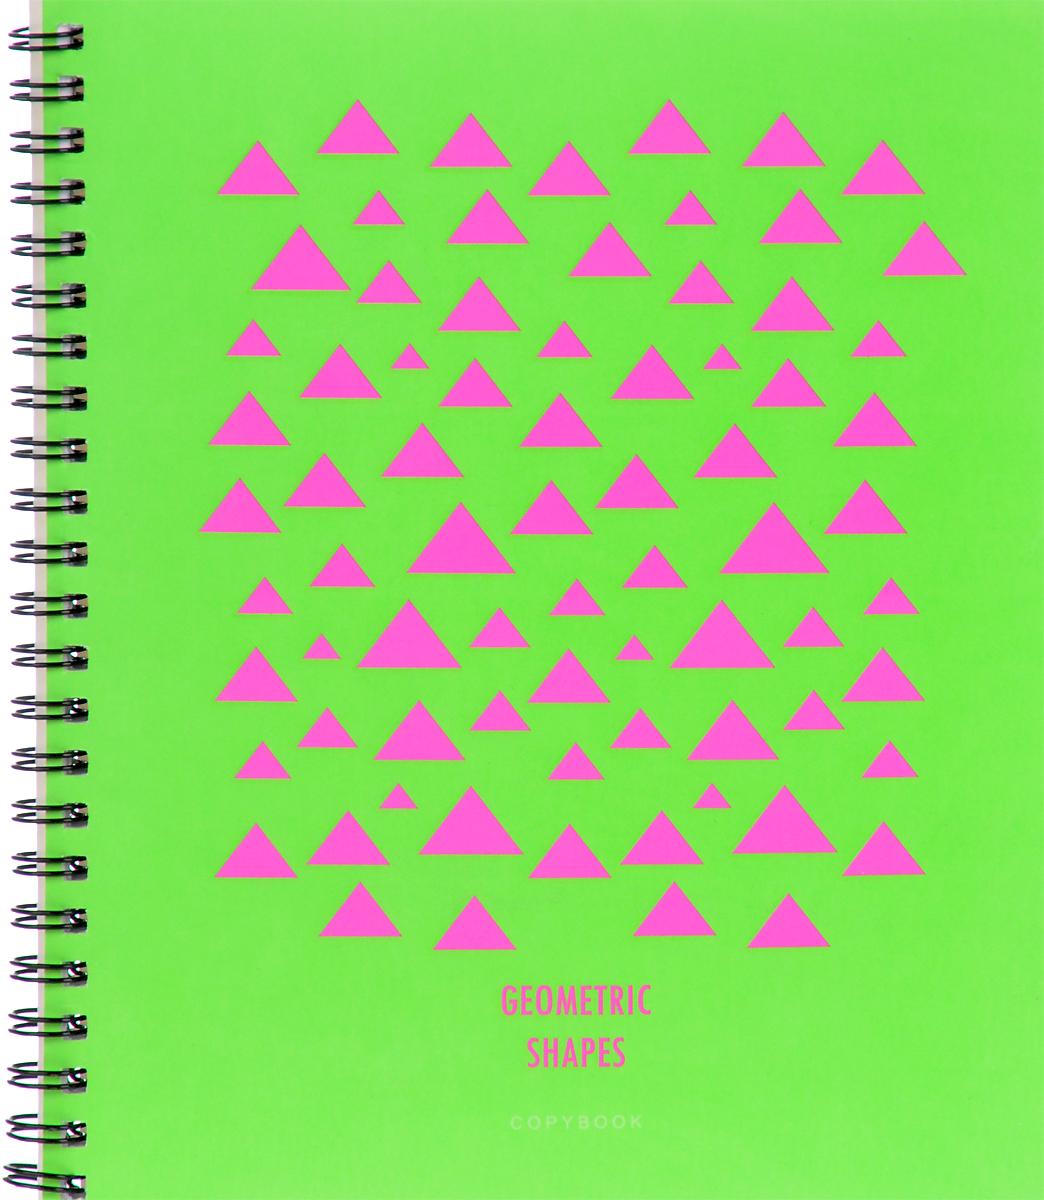 Канц-Эксмо Тетрадь Насыщенные цвета 96 листов в клеткуТДК-10Тетрадь Насыщенные цвета прекрасно подойдет как для рабочих целей, так и для записей ваших творческих мыслей. В тетради 96 листов офсетной бумаги в клетку формата А5. Плотность бумаги - 60гр/м2. Обложка выполнена из мелованного картона, Пантонная печать, выборочный лак. . Крепление листов в тетради Насыщенные цвета - гребень.